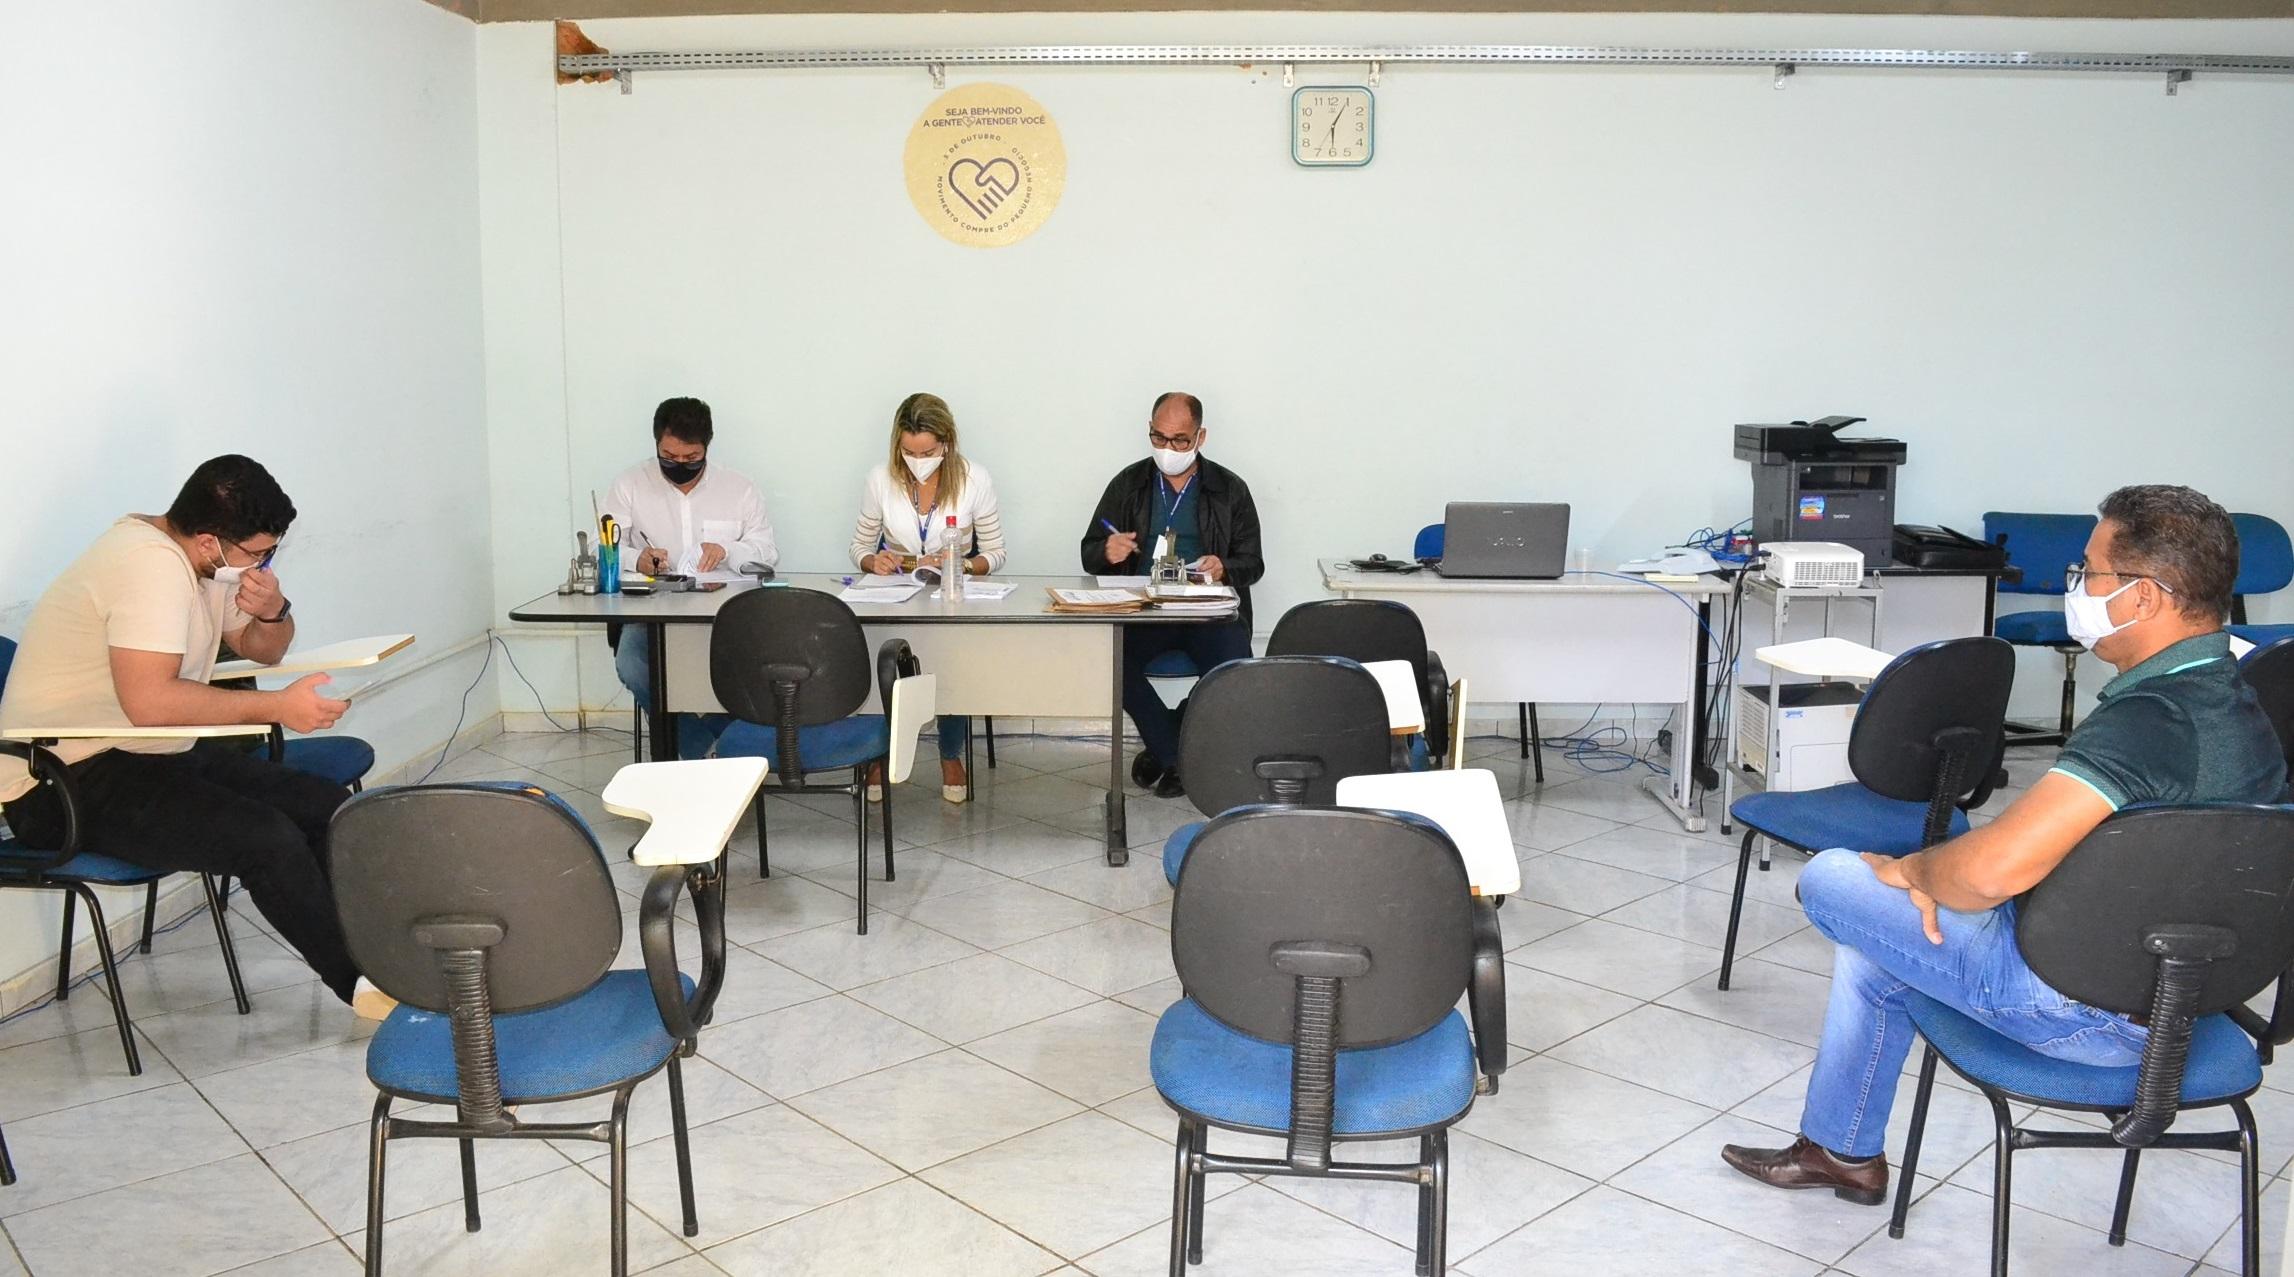 Imagem de destaque REFORMA DO POSTO DE SAÚDE DE SANTA ROSA DE LIMA -  Quatro empresas se apresentam para participar da licitação